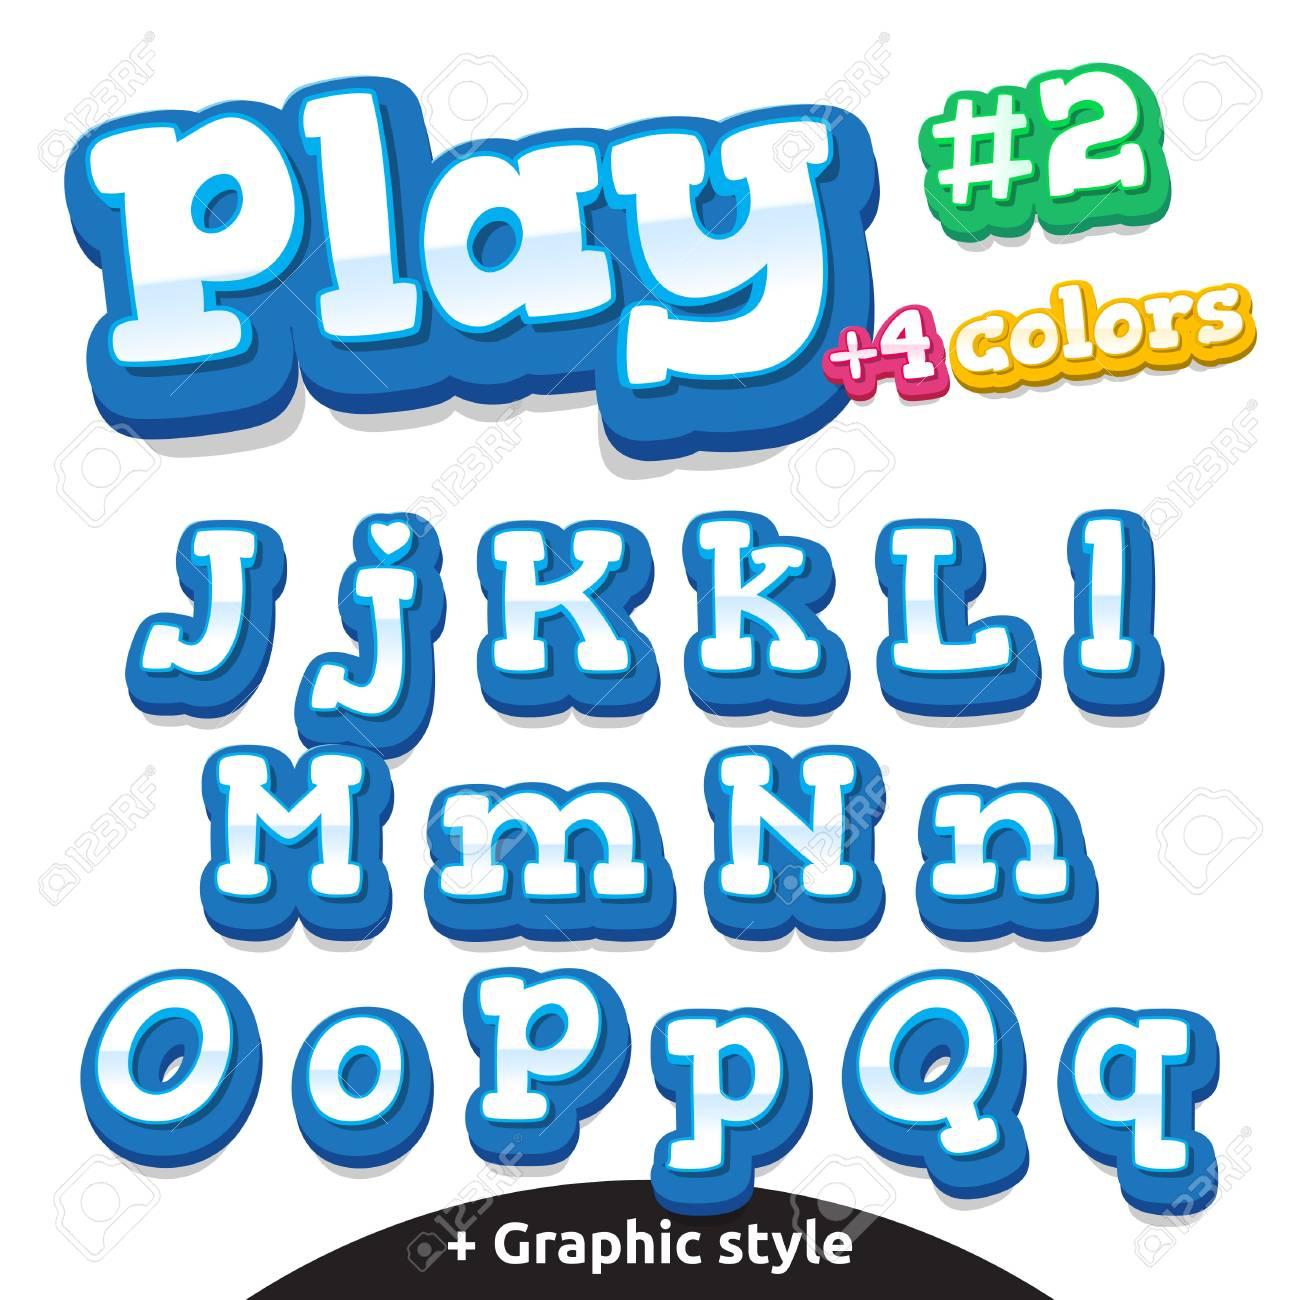 Enfants Jeux Vidéo Lettres. pour Jeux De Lettres Enfants